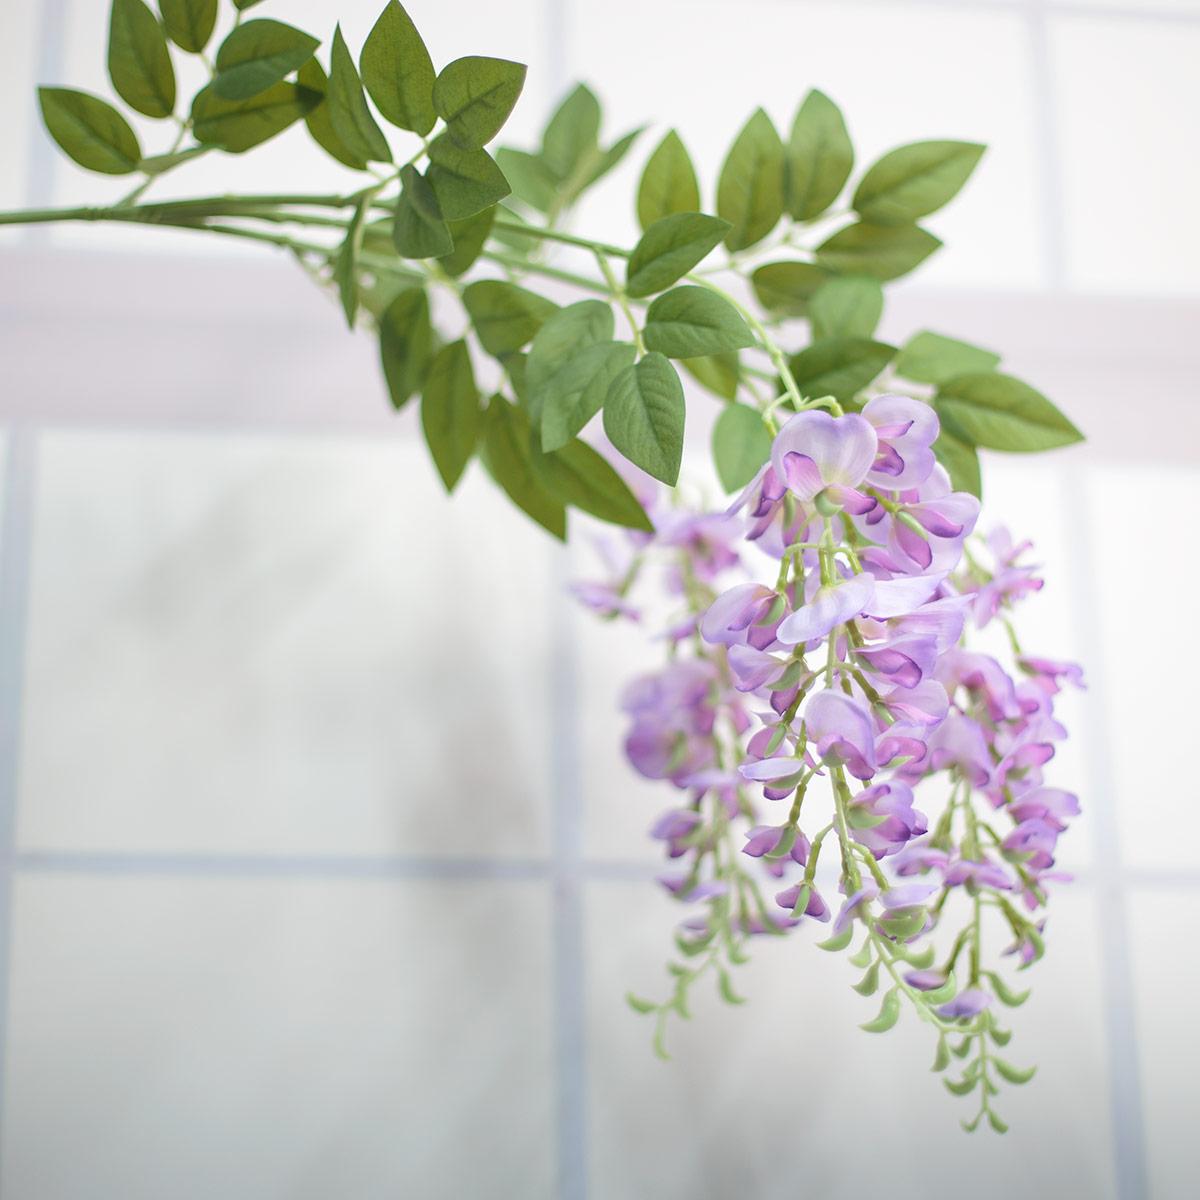 라일락 등꽃 디테일 사진1